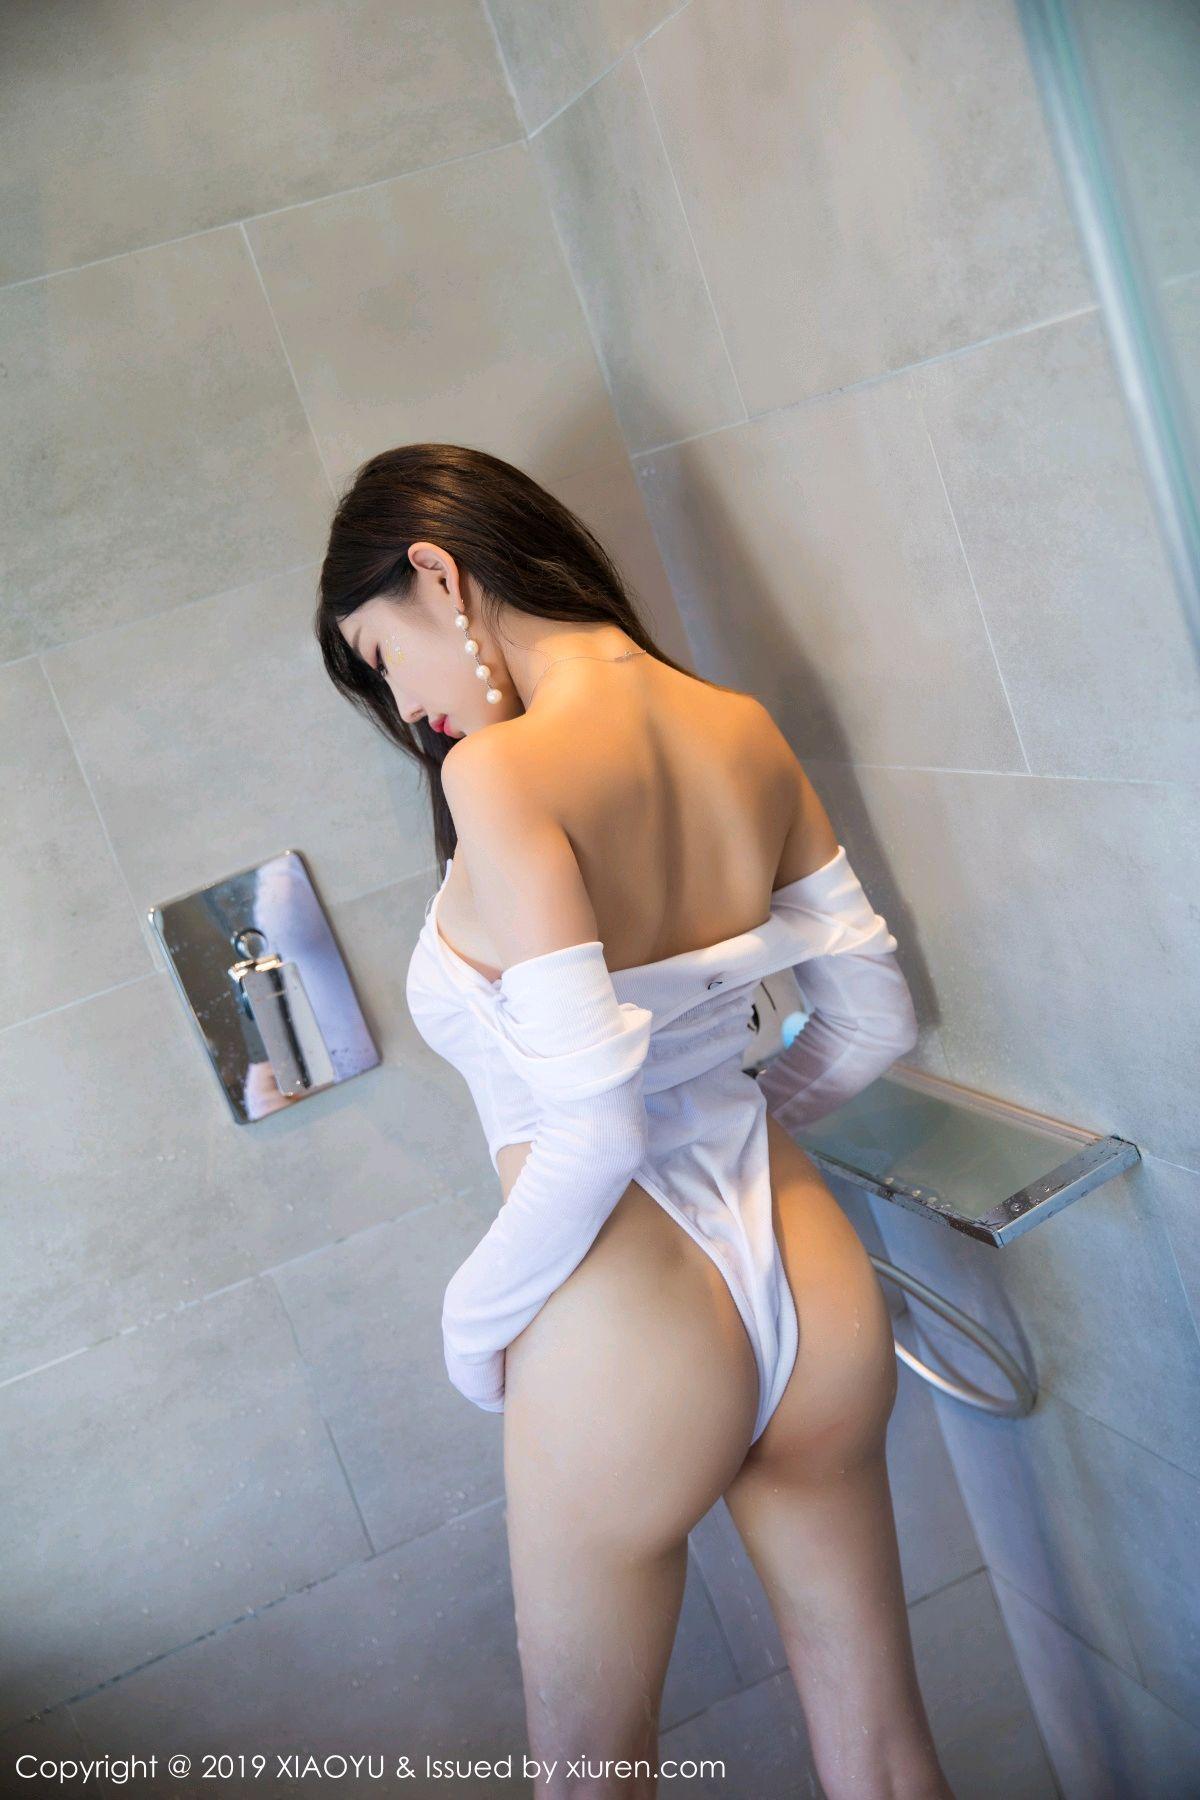 [XiaoYu] Vol.089 Yang Chen Chen 2P, Bathroom, Wet, XiaoYu, Yang Chen Chen